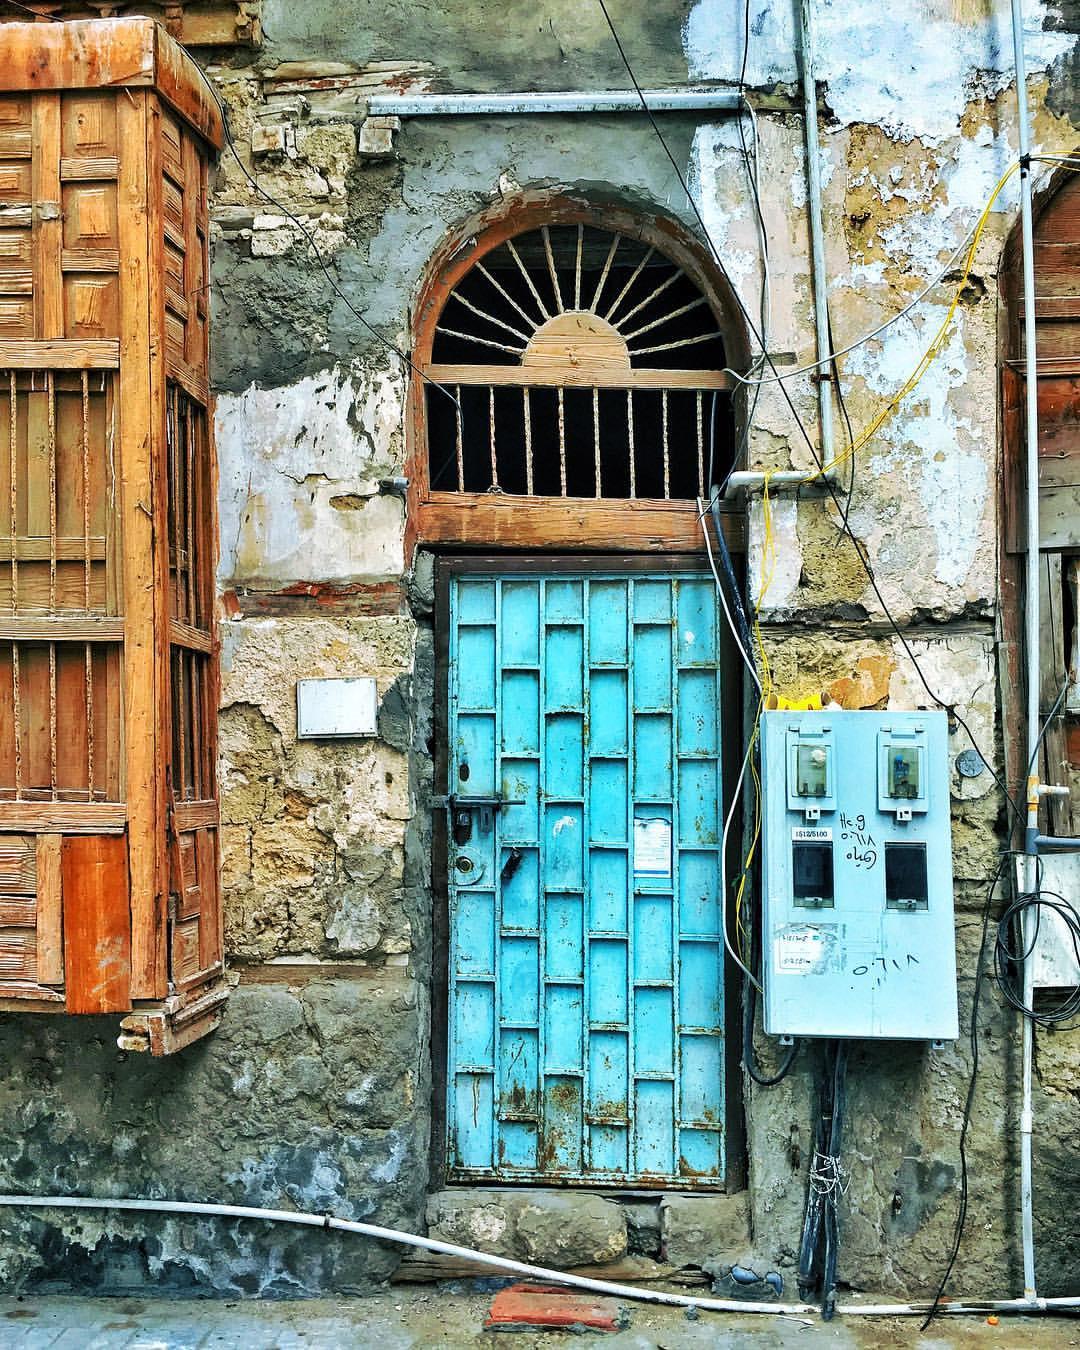 Jeddah doorway.